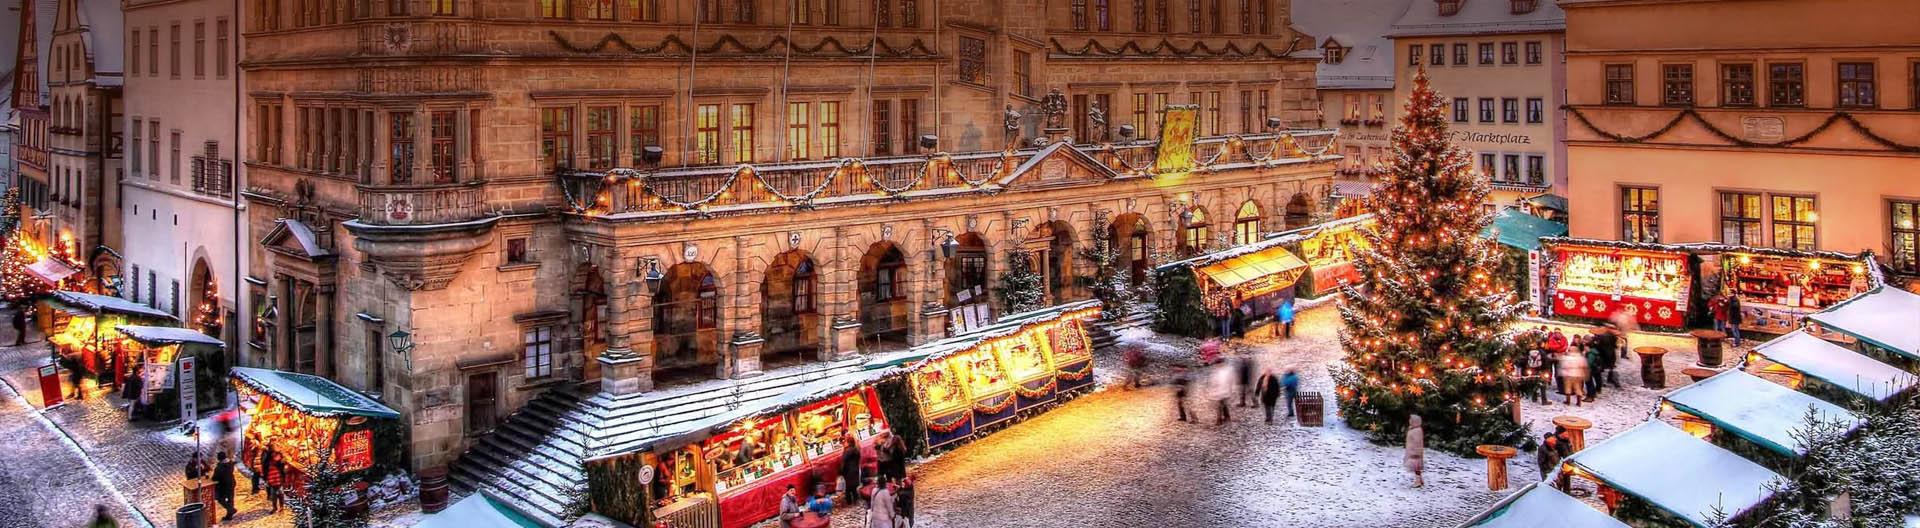 Рождественское путешествие по Баварии Автобусный тур в Германию на Рождество